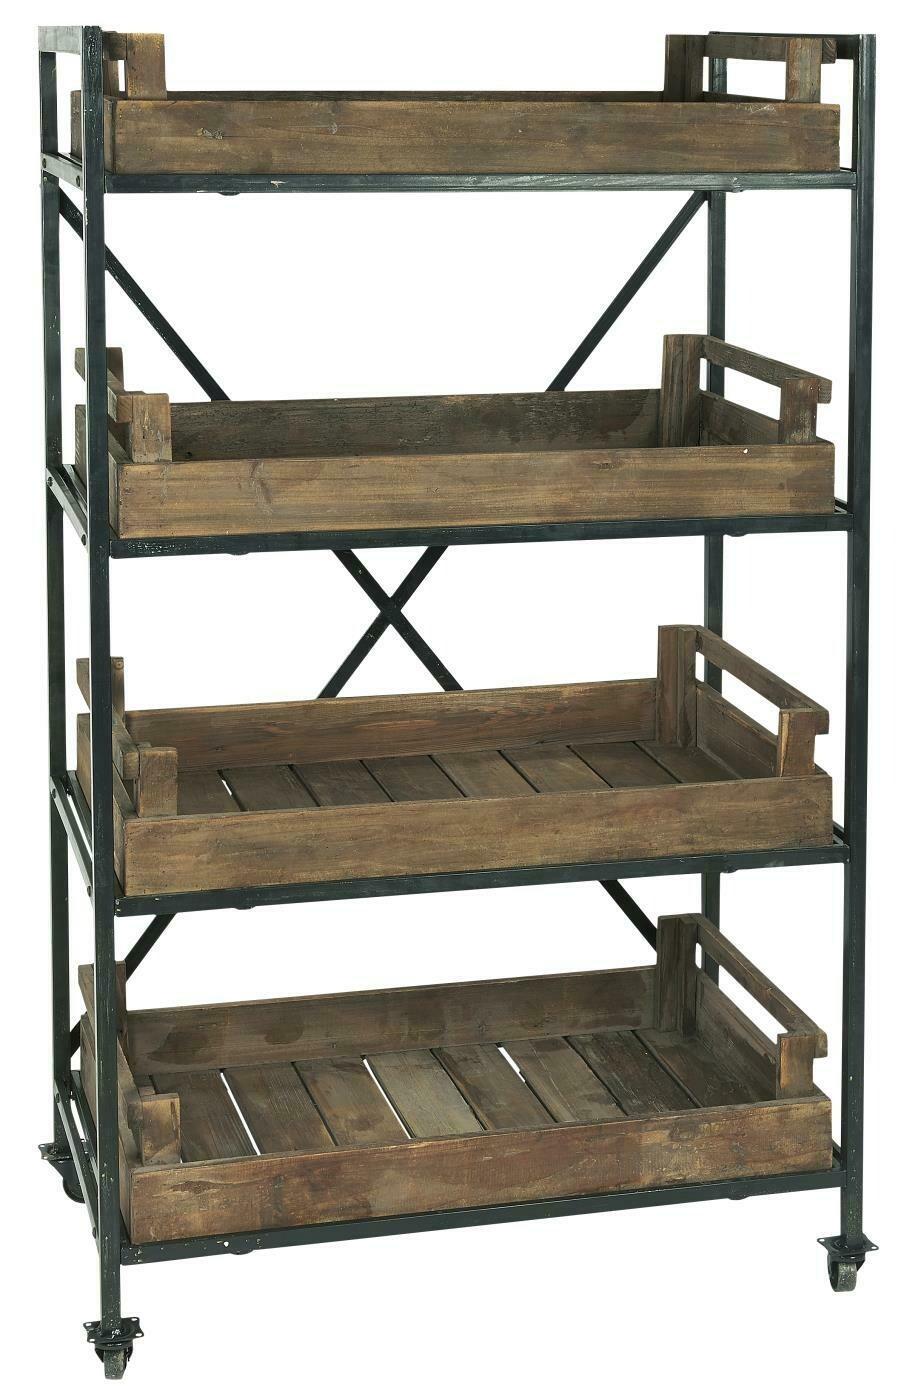 Etagère en métal sur roulettes, 4 plateaux en bois - SOLDEE